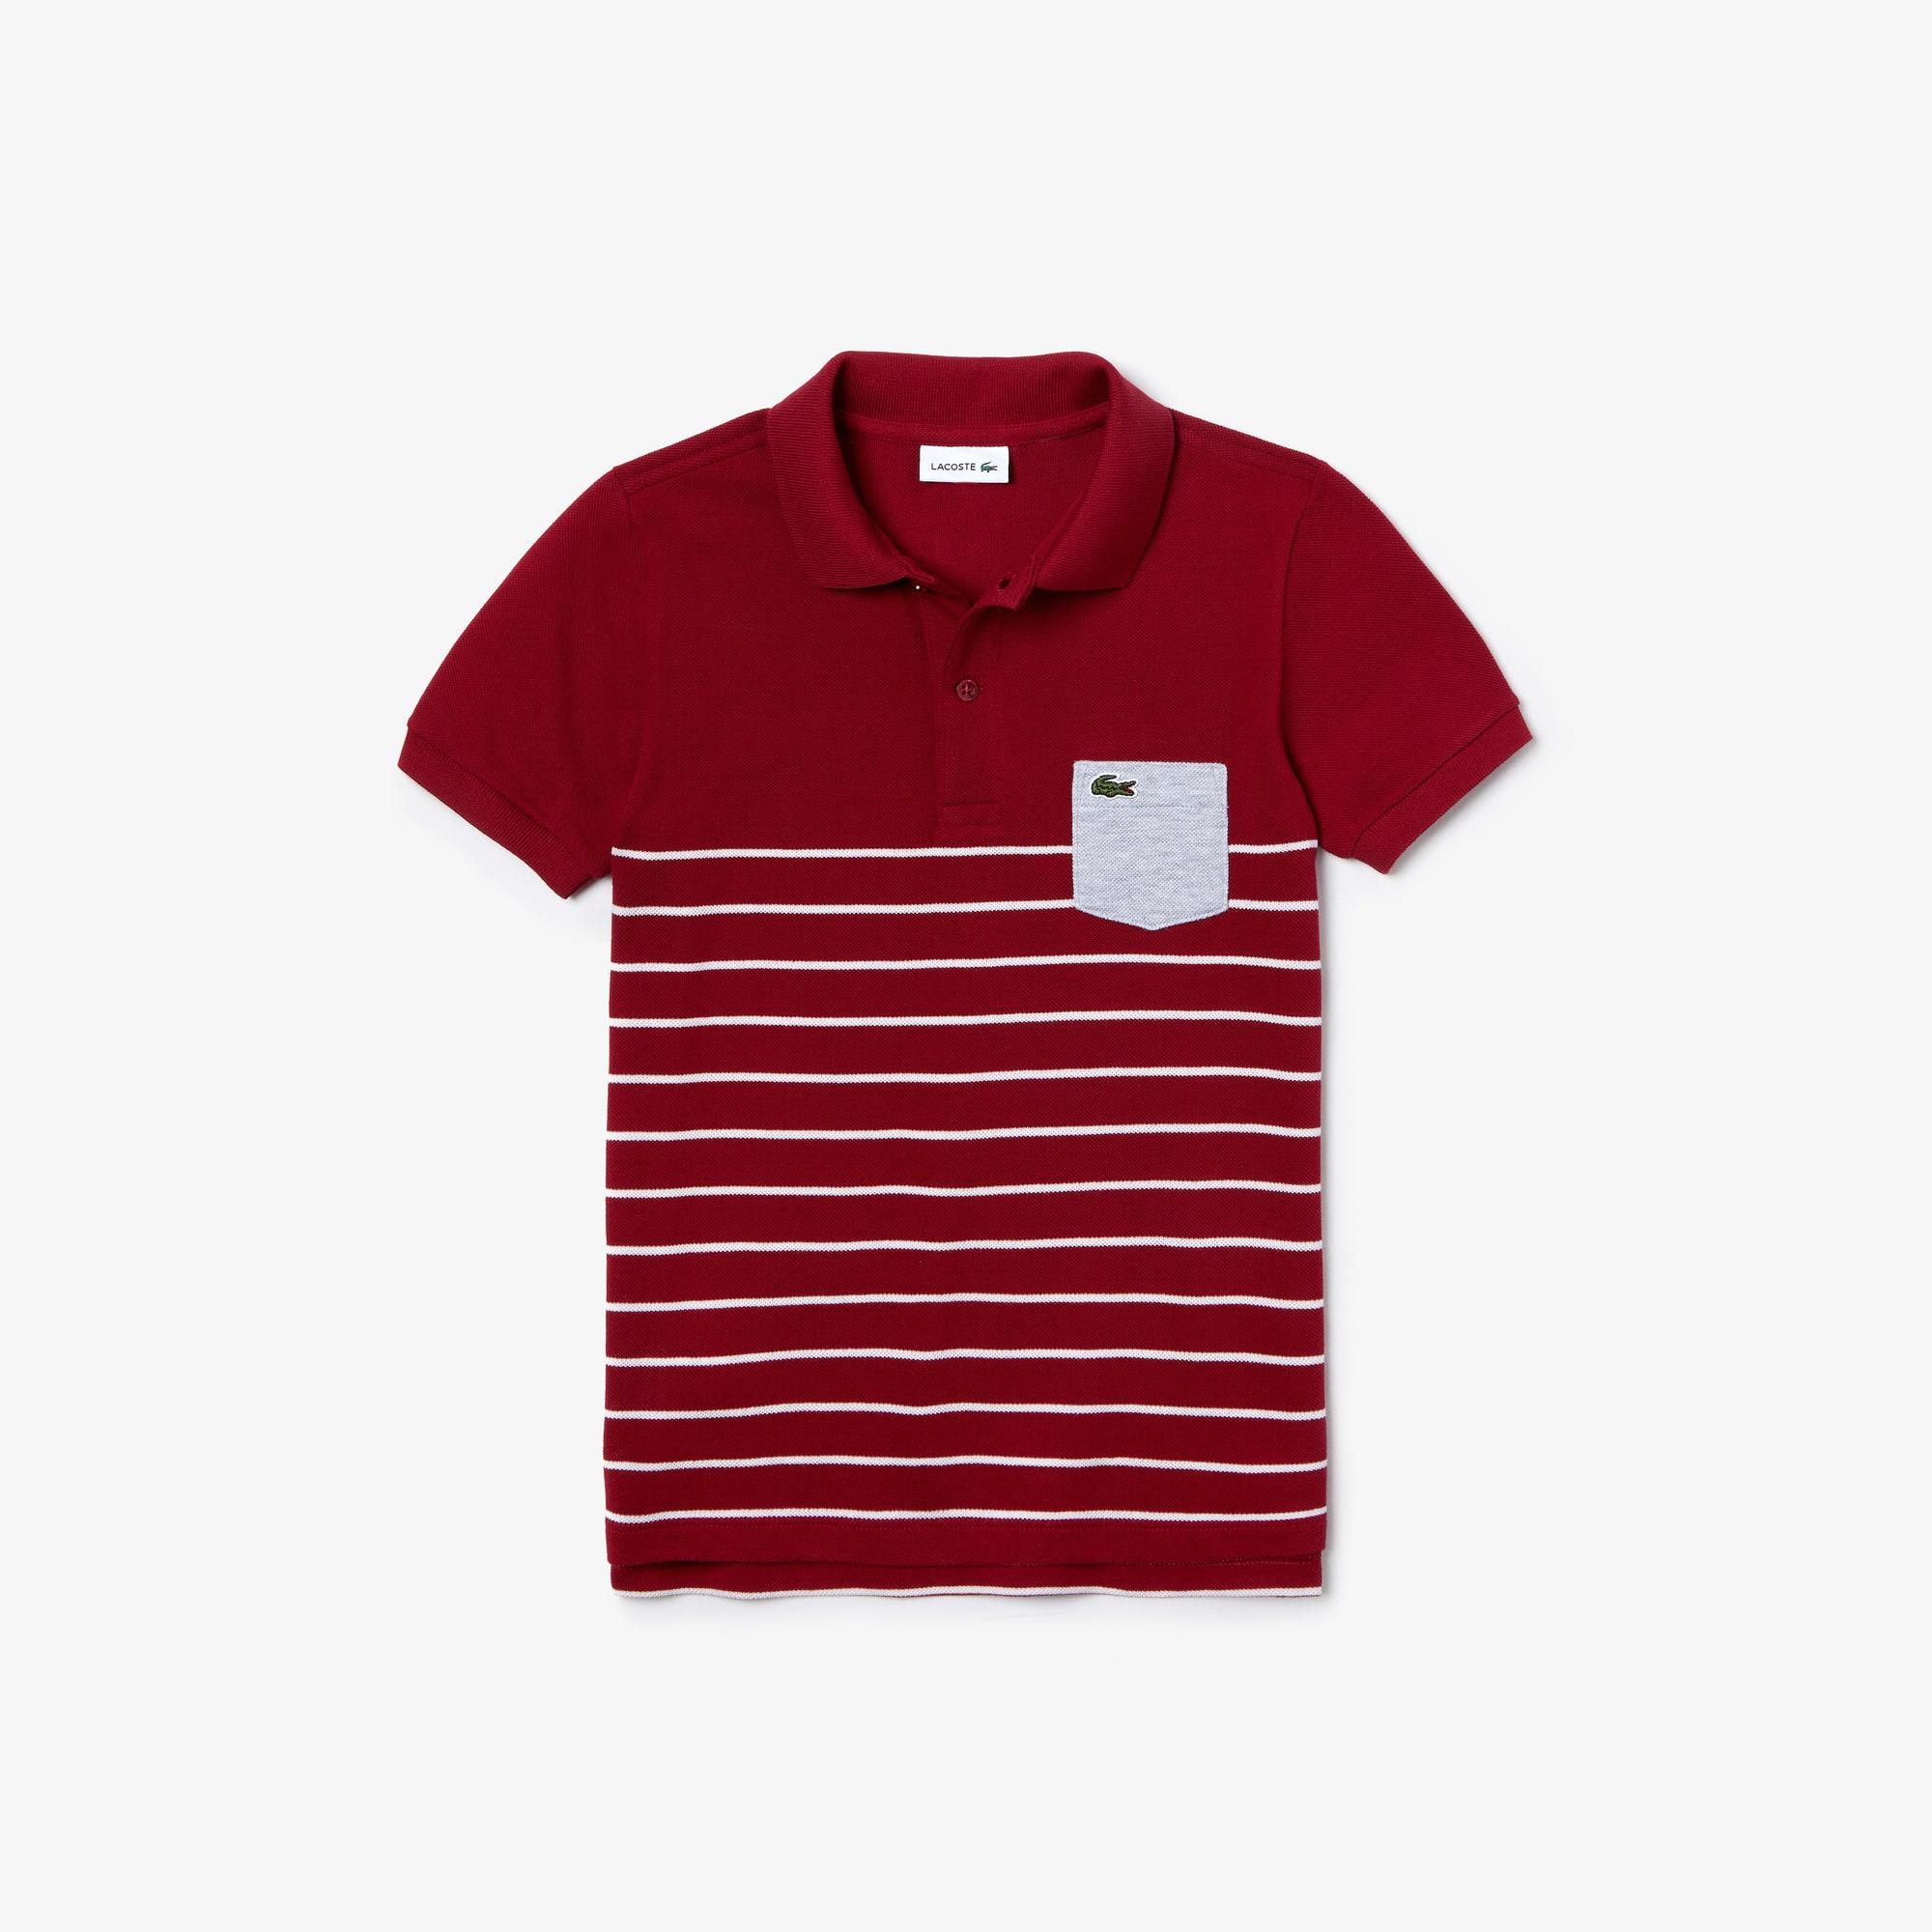 Polo Garçon Lacoste en piqué de coton rayé avec poche contrastée Taille 1 an Bordeaux / Blanc / Gris